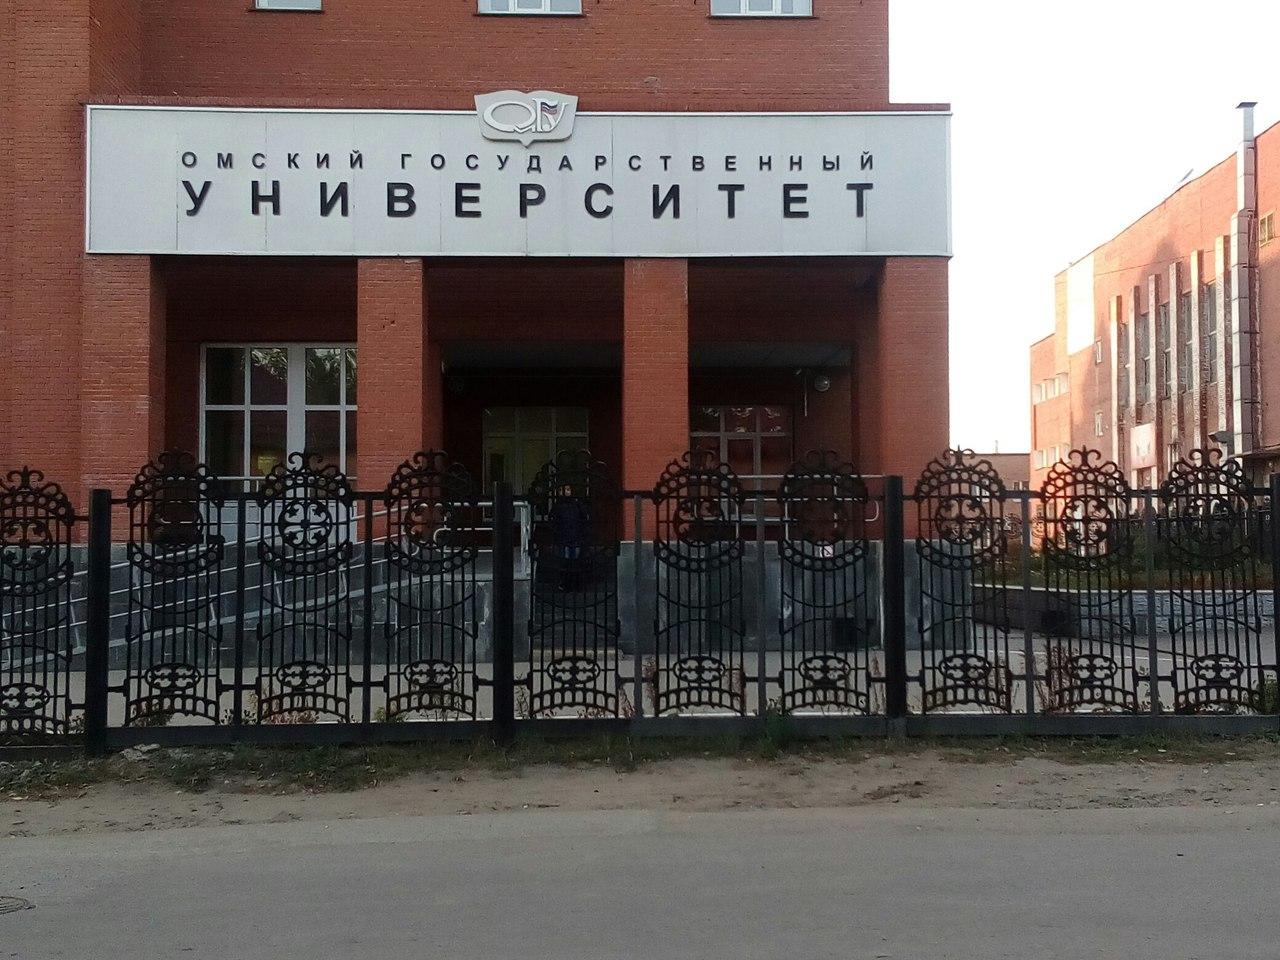 Омские студенты-юристы сделали на тротуаре возле ОмГУ нелегальную парковку